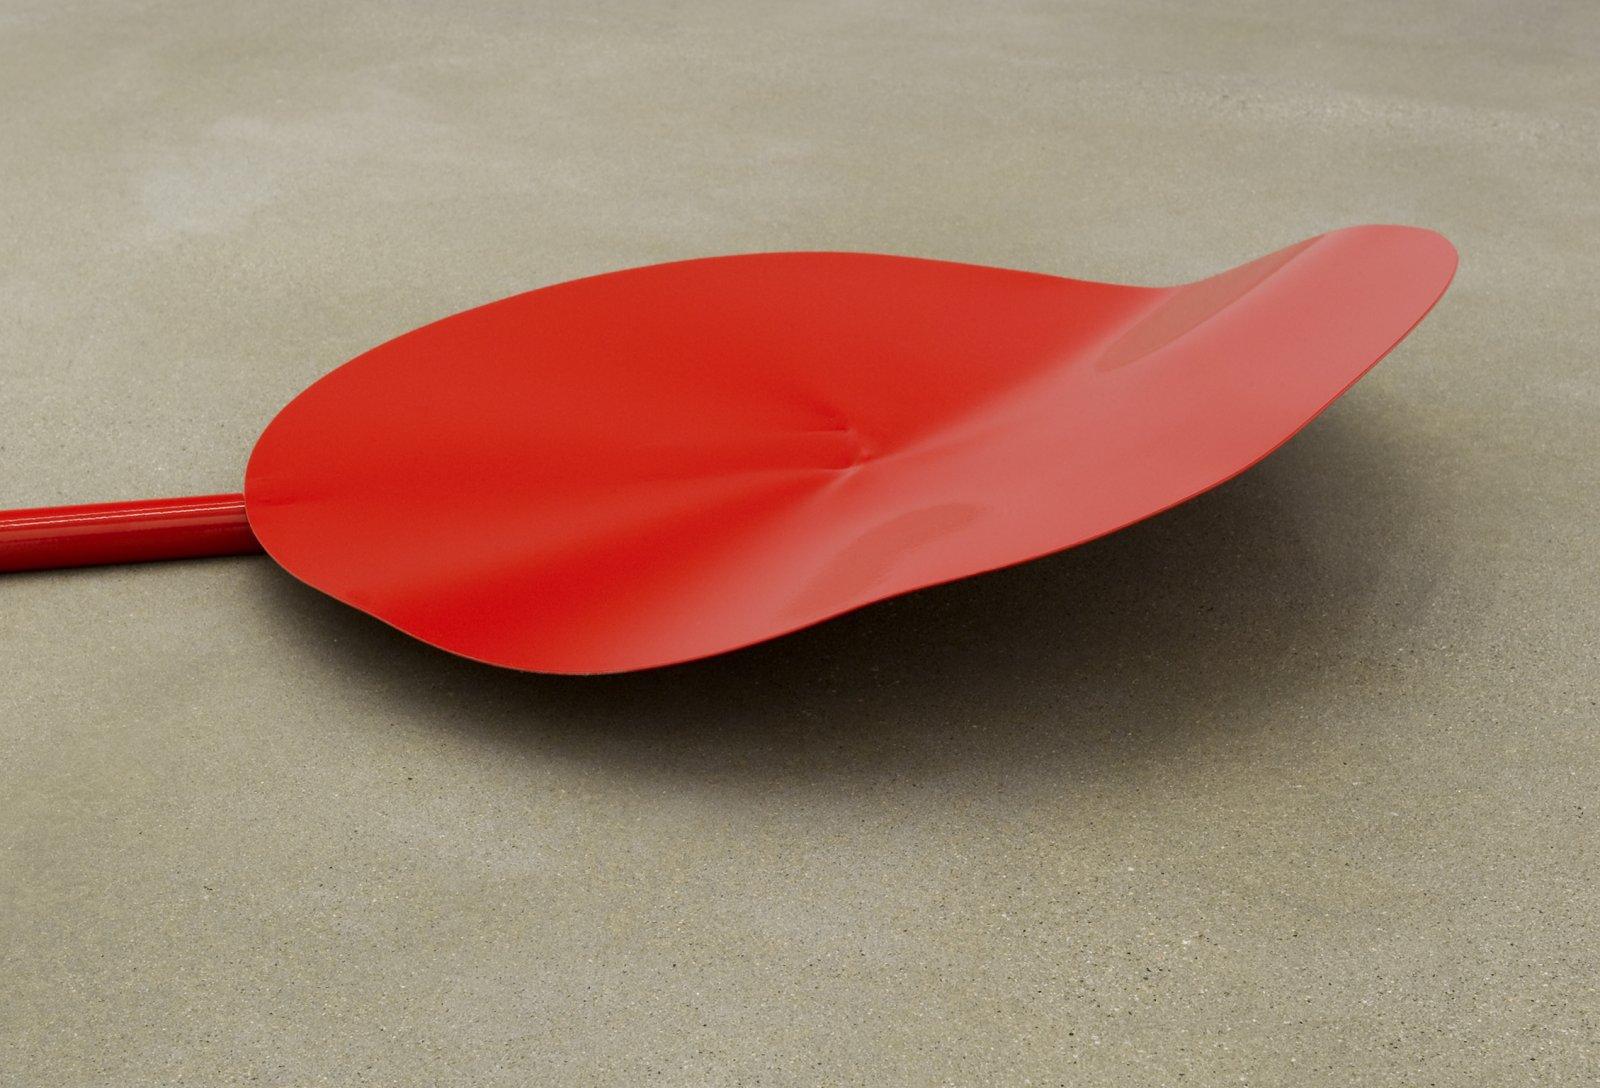 Damian Moppett, Broken Fall (detail), 2011, aluminum and steel, 306 x 180 x 180 in. (780 x 460 x 460 cm) by Damian Moppett